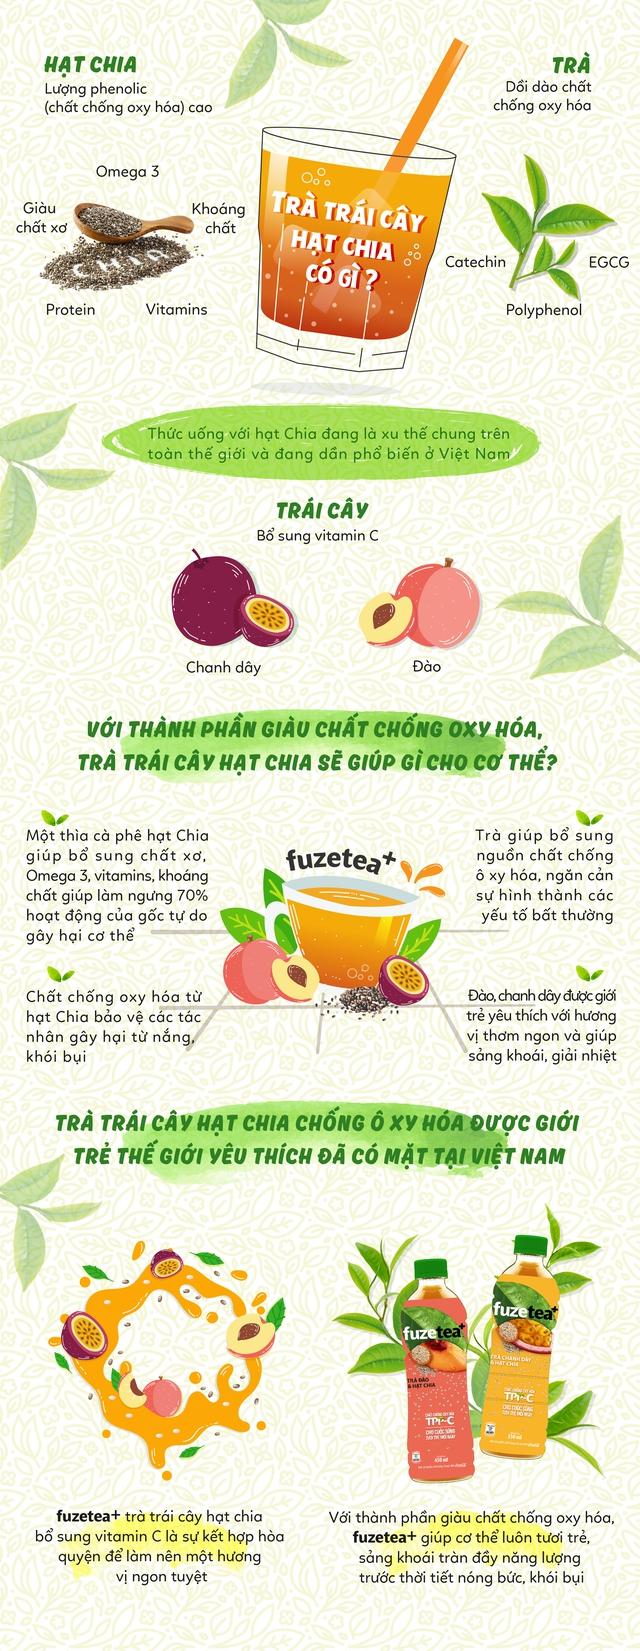 Cởi mác bí mật trà trái cây hạt chia vạn người mê - Ảnh 1.